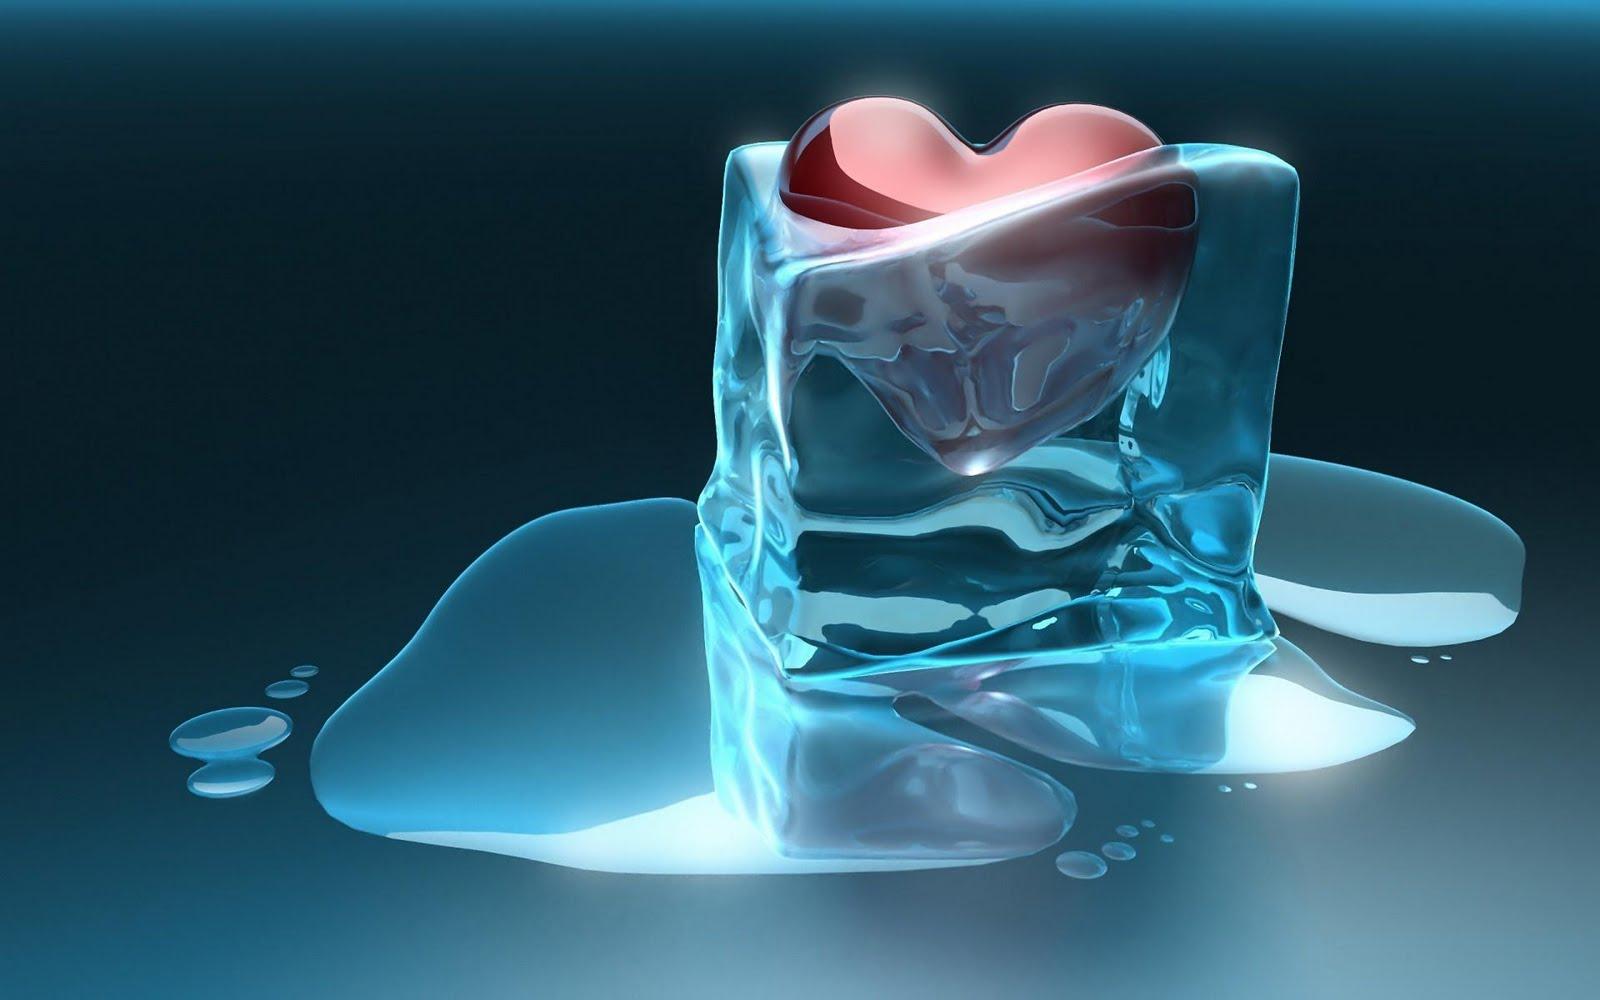 Hình nền trái tim hóa băng 3D